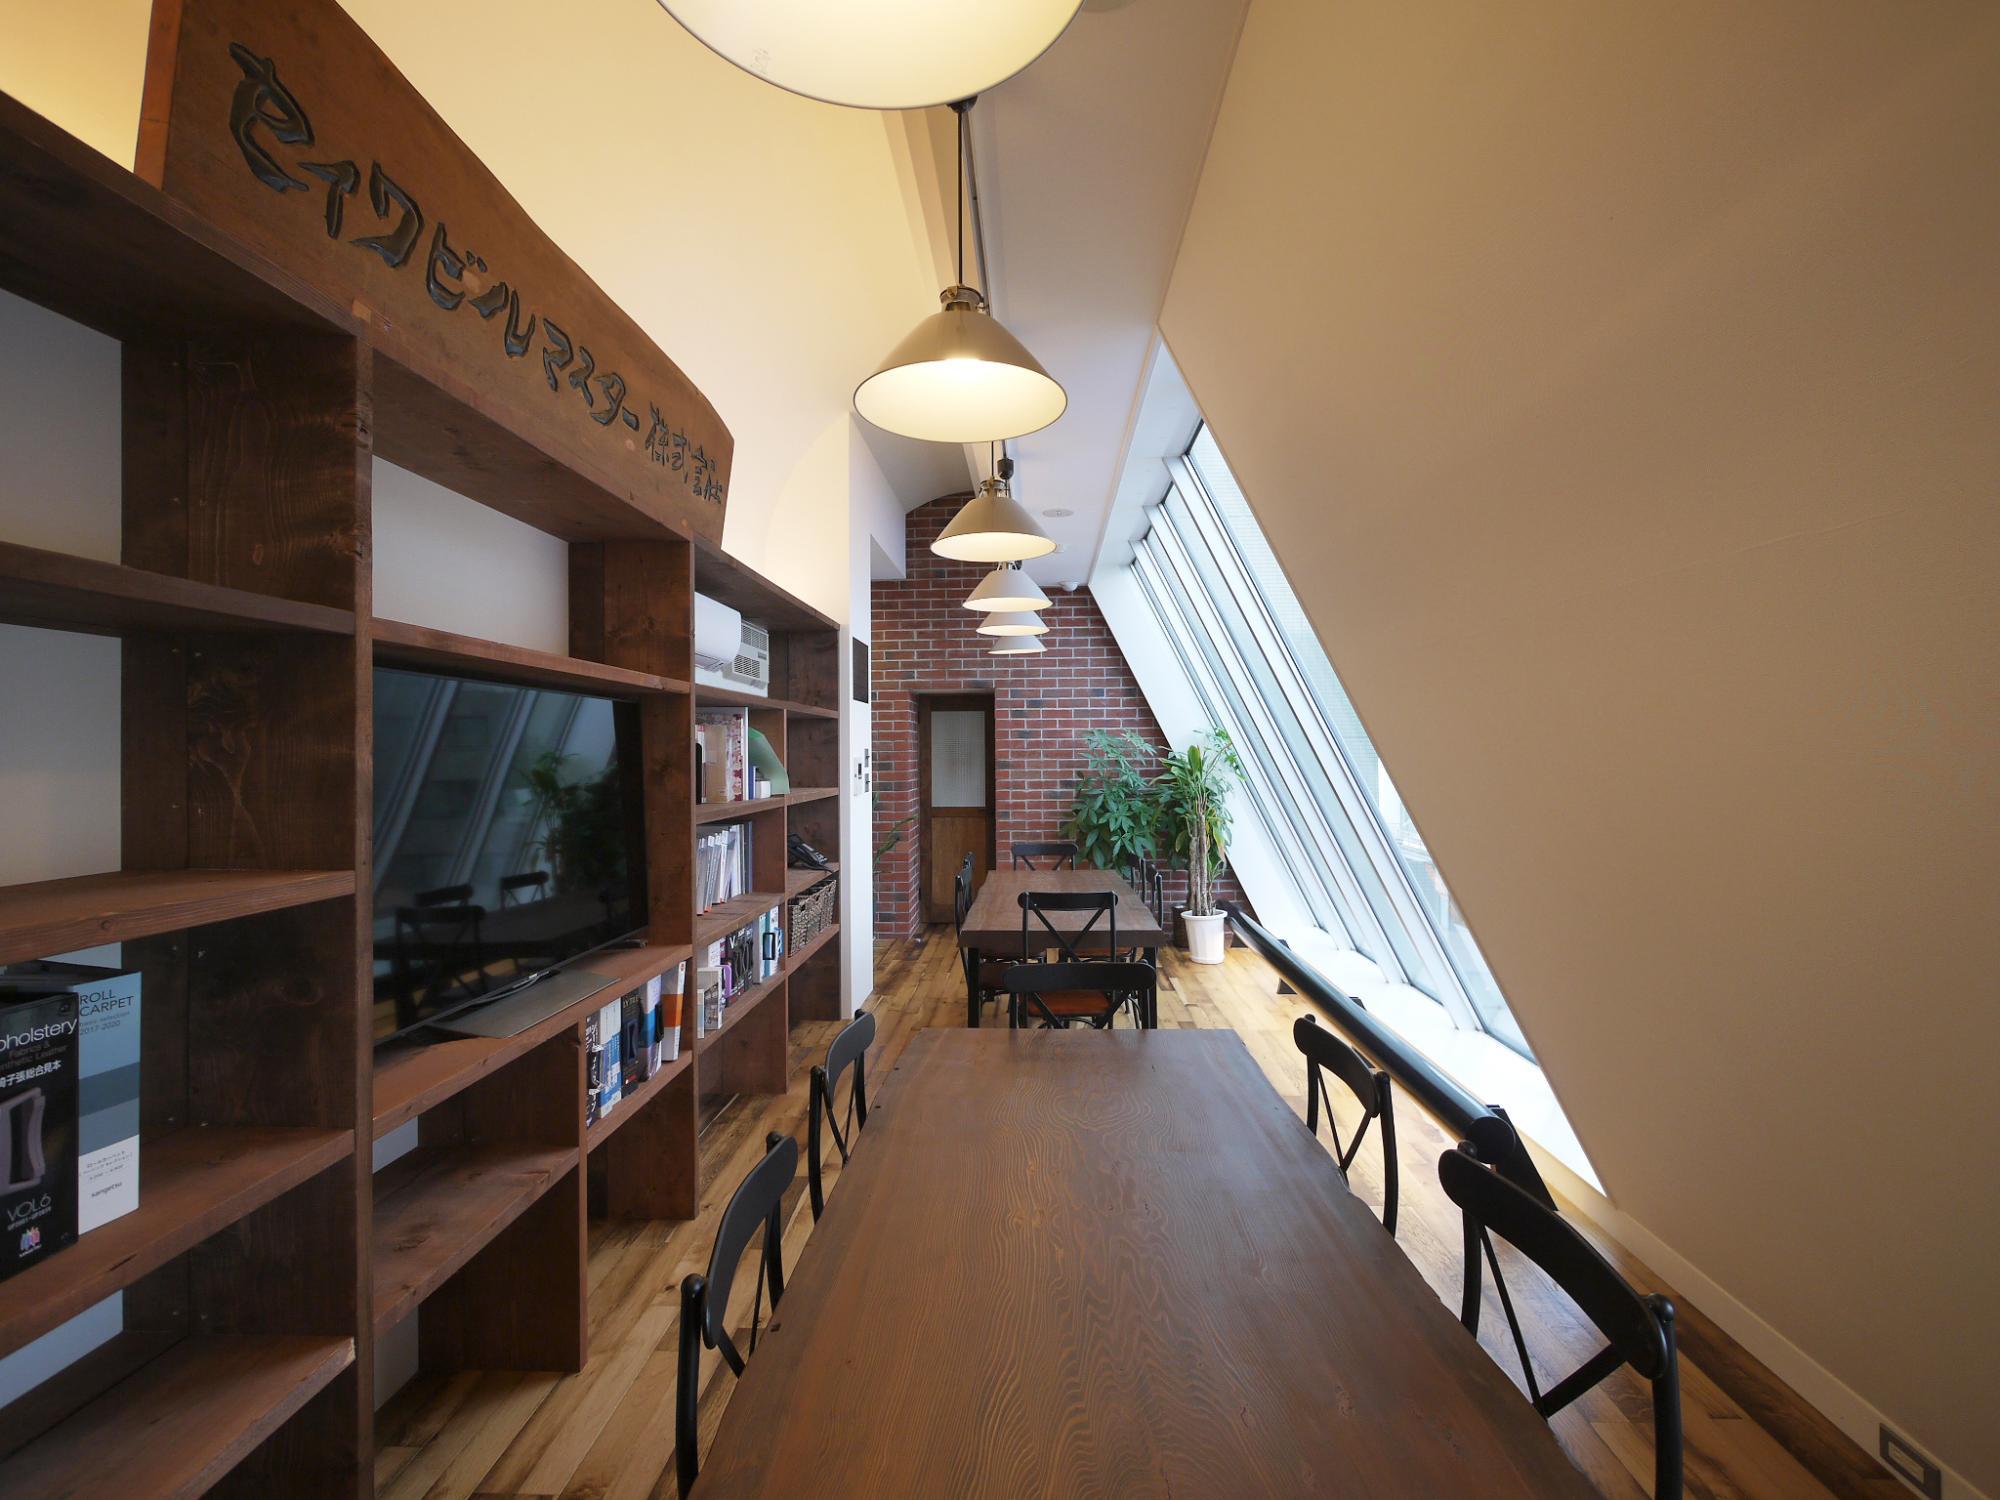 東京下町の墨田・台東地区で創業25年のリフォーム会社 セイワビルマスター。 私たちは、大工・内装・設備・クリーニングなど、それぞれの専門職人と営業とが一丸となって活動をしている会社です。 確かな技術力と思いやりの価格でお客様にご安心いただけるサービスを追求いたしております。 「自然素材の家」や「R1適合リノベーション住宅」など、これまで多数の施工実績があります。 ぜひ一度お気軽にご相談ください。